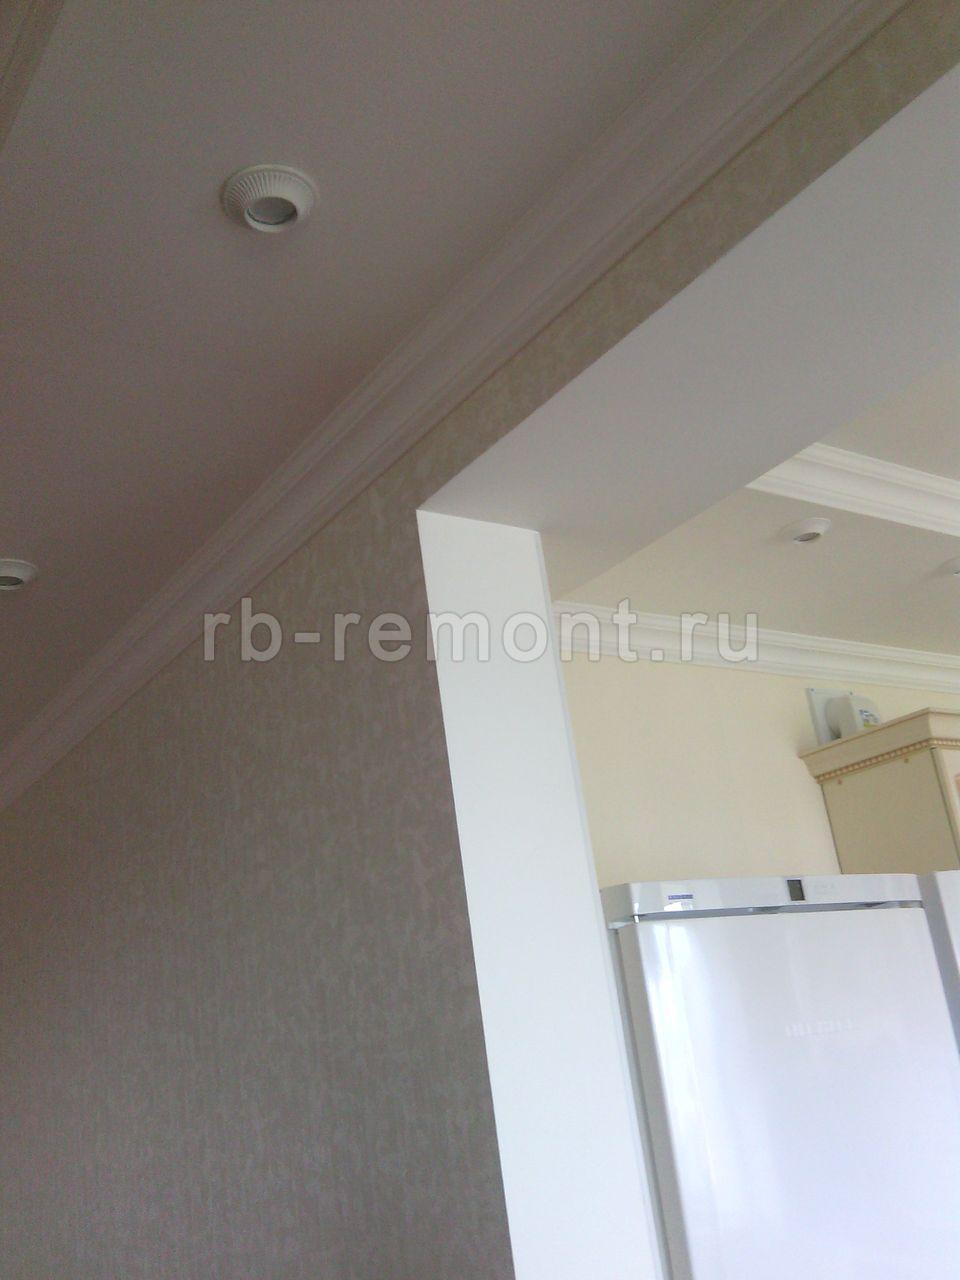 https://www.rb-remont.ru/raboty/photo_/komsomolskaya-125.1-00/img/img_20150709_120049.jpg (бол.)